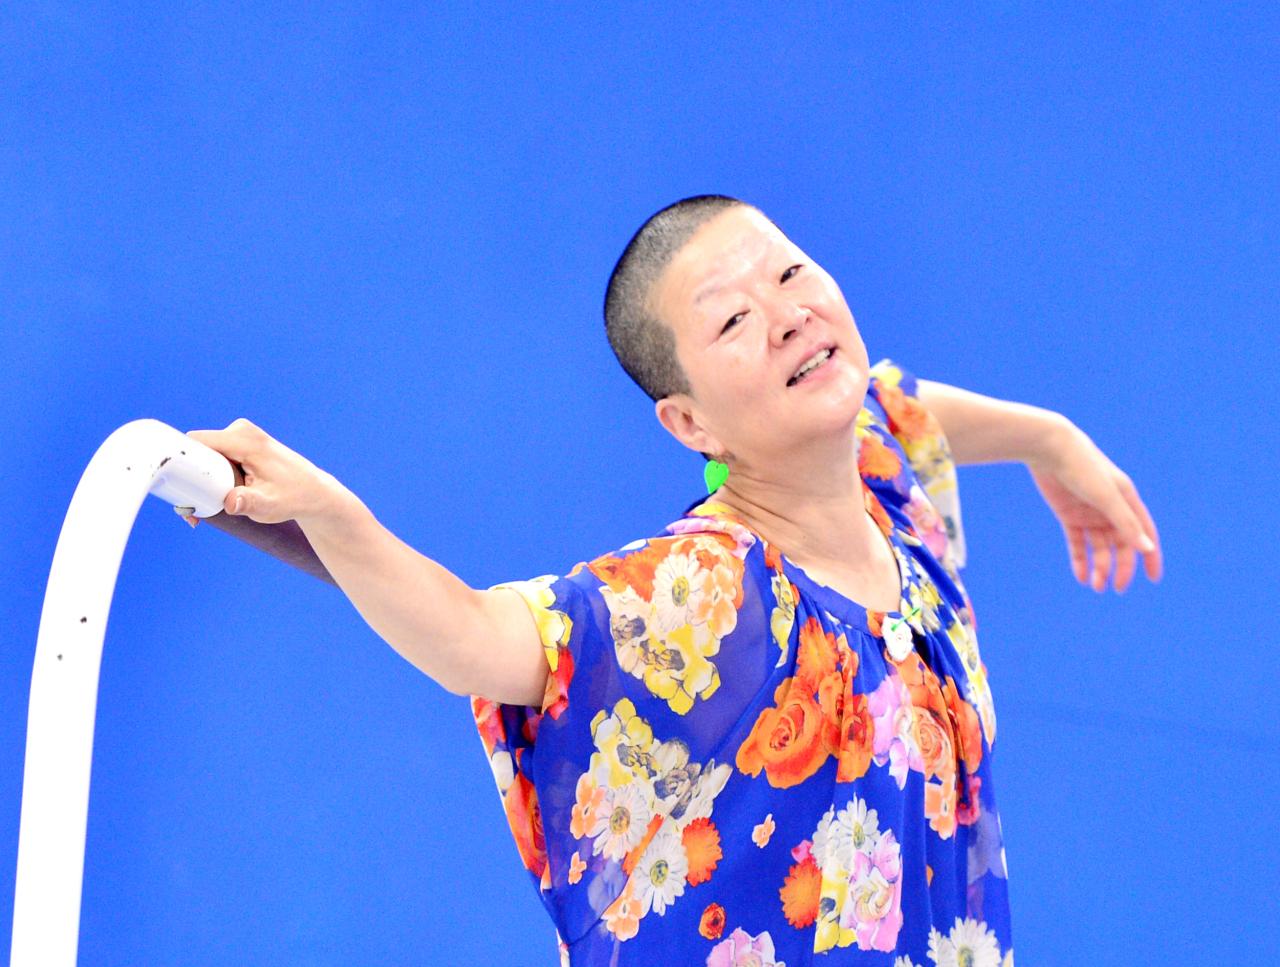 Choreographer Ahn Eun-me (Park Hyun-koo/The Korea Herald)